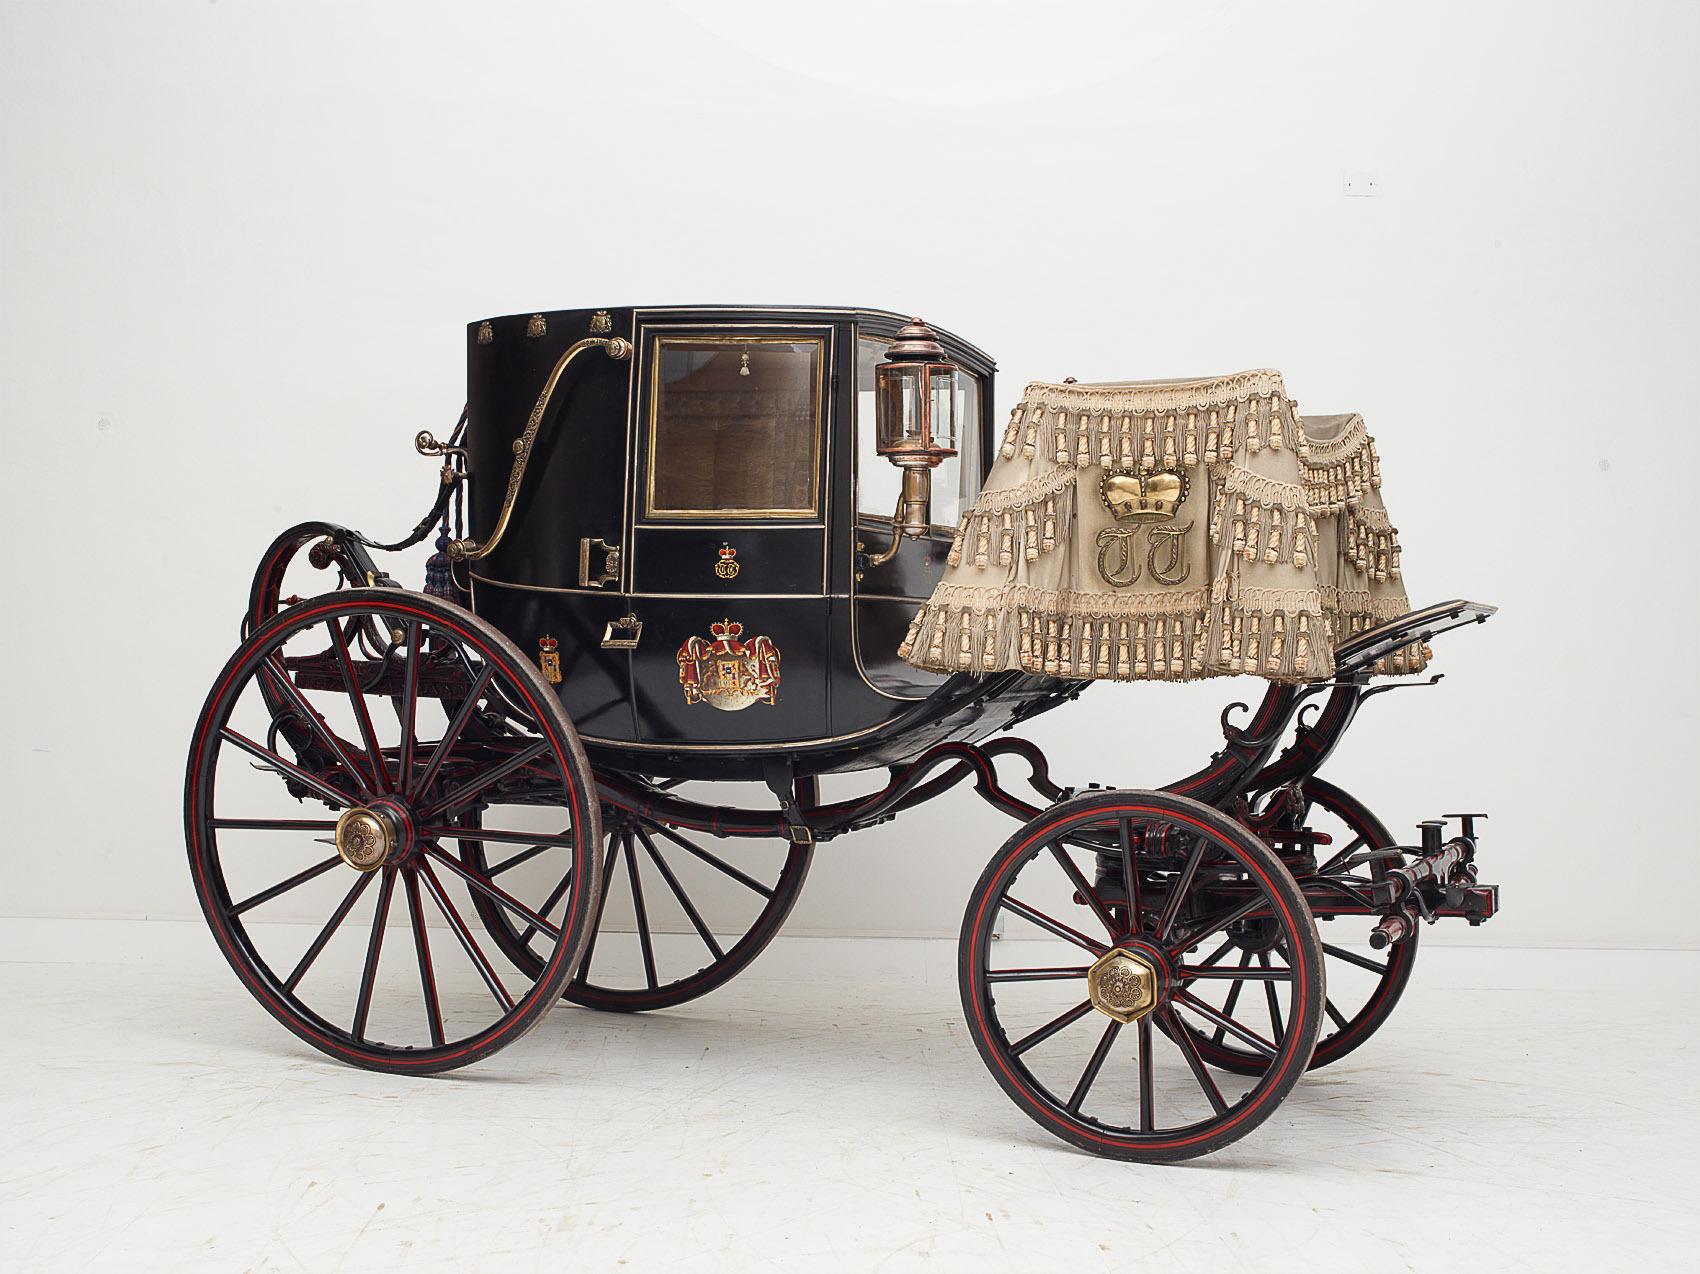 Zweisitziger Stadtwagen (Coupé) des Fürsten Maximilian Karl von Thurn und Taxis von Simon Brandmayer